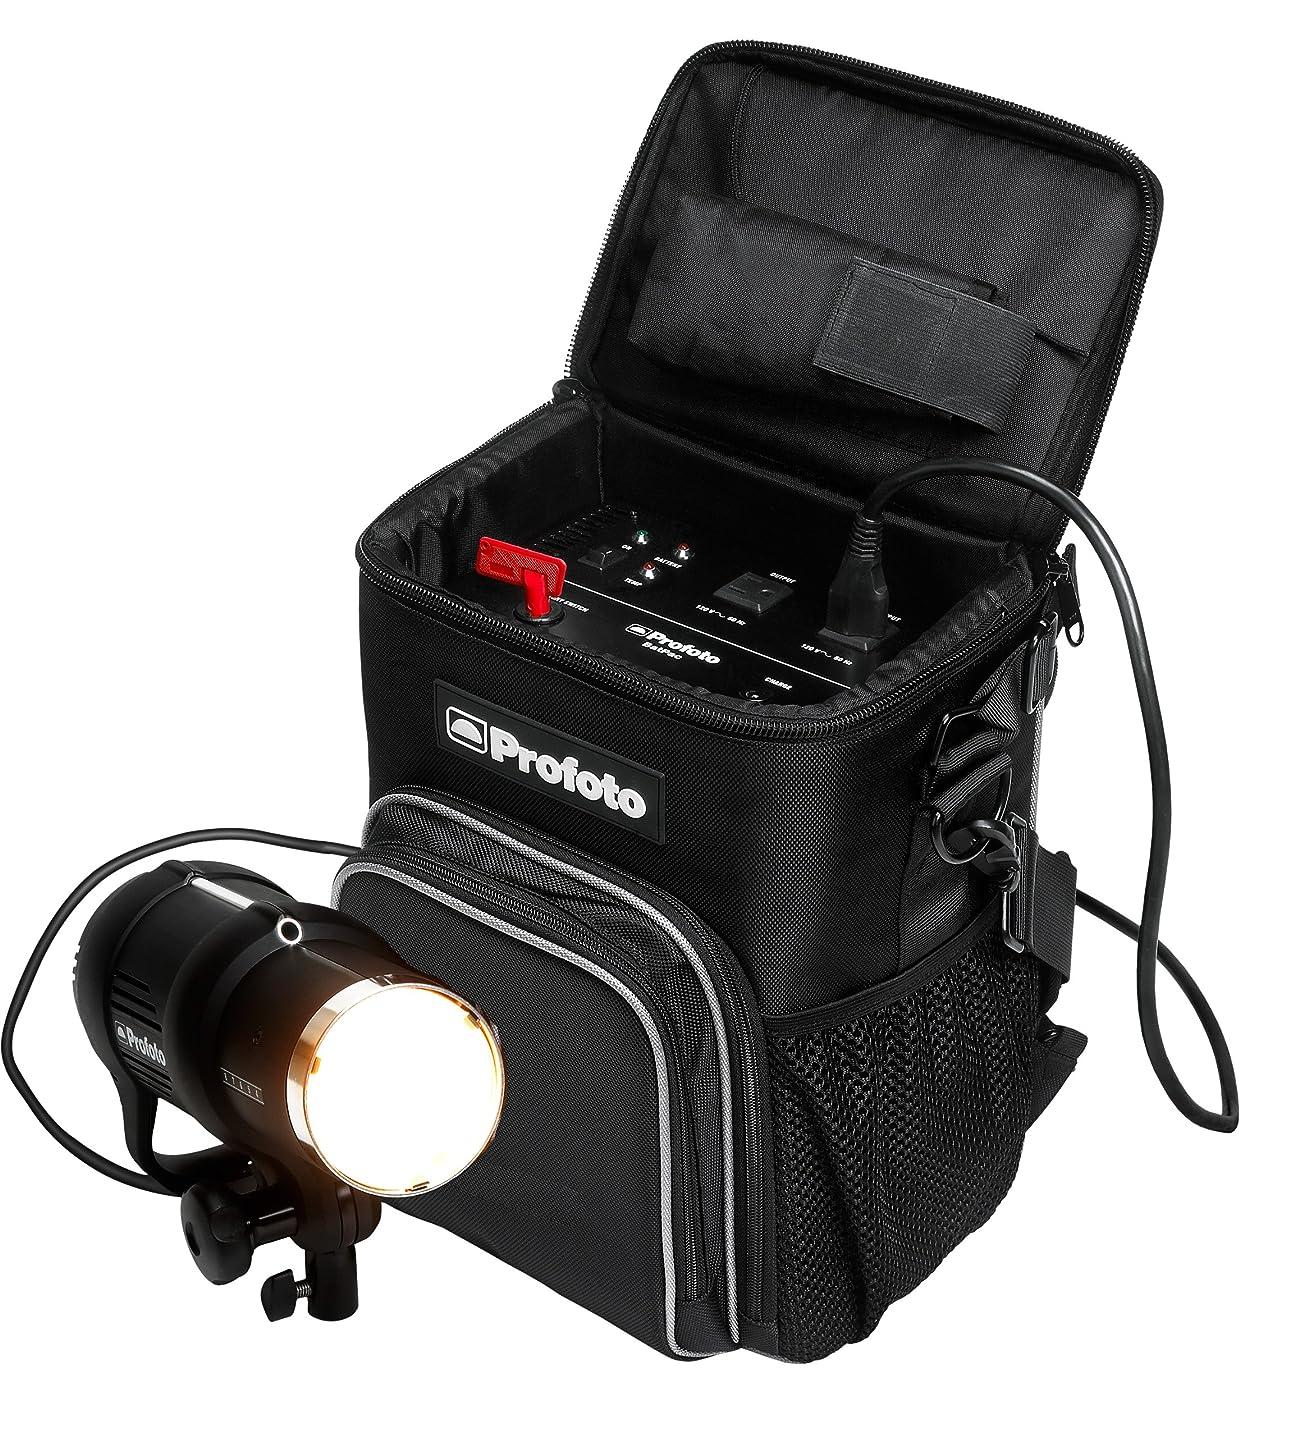 いじめっ子アカデミー会議Godox 120cm傘オクタゴンポータブルソフトボックス反射板スタジオ写真スピードライトフラッシュ